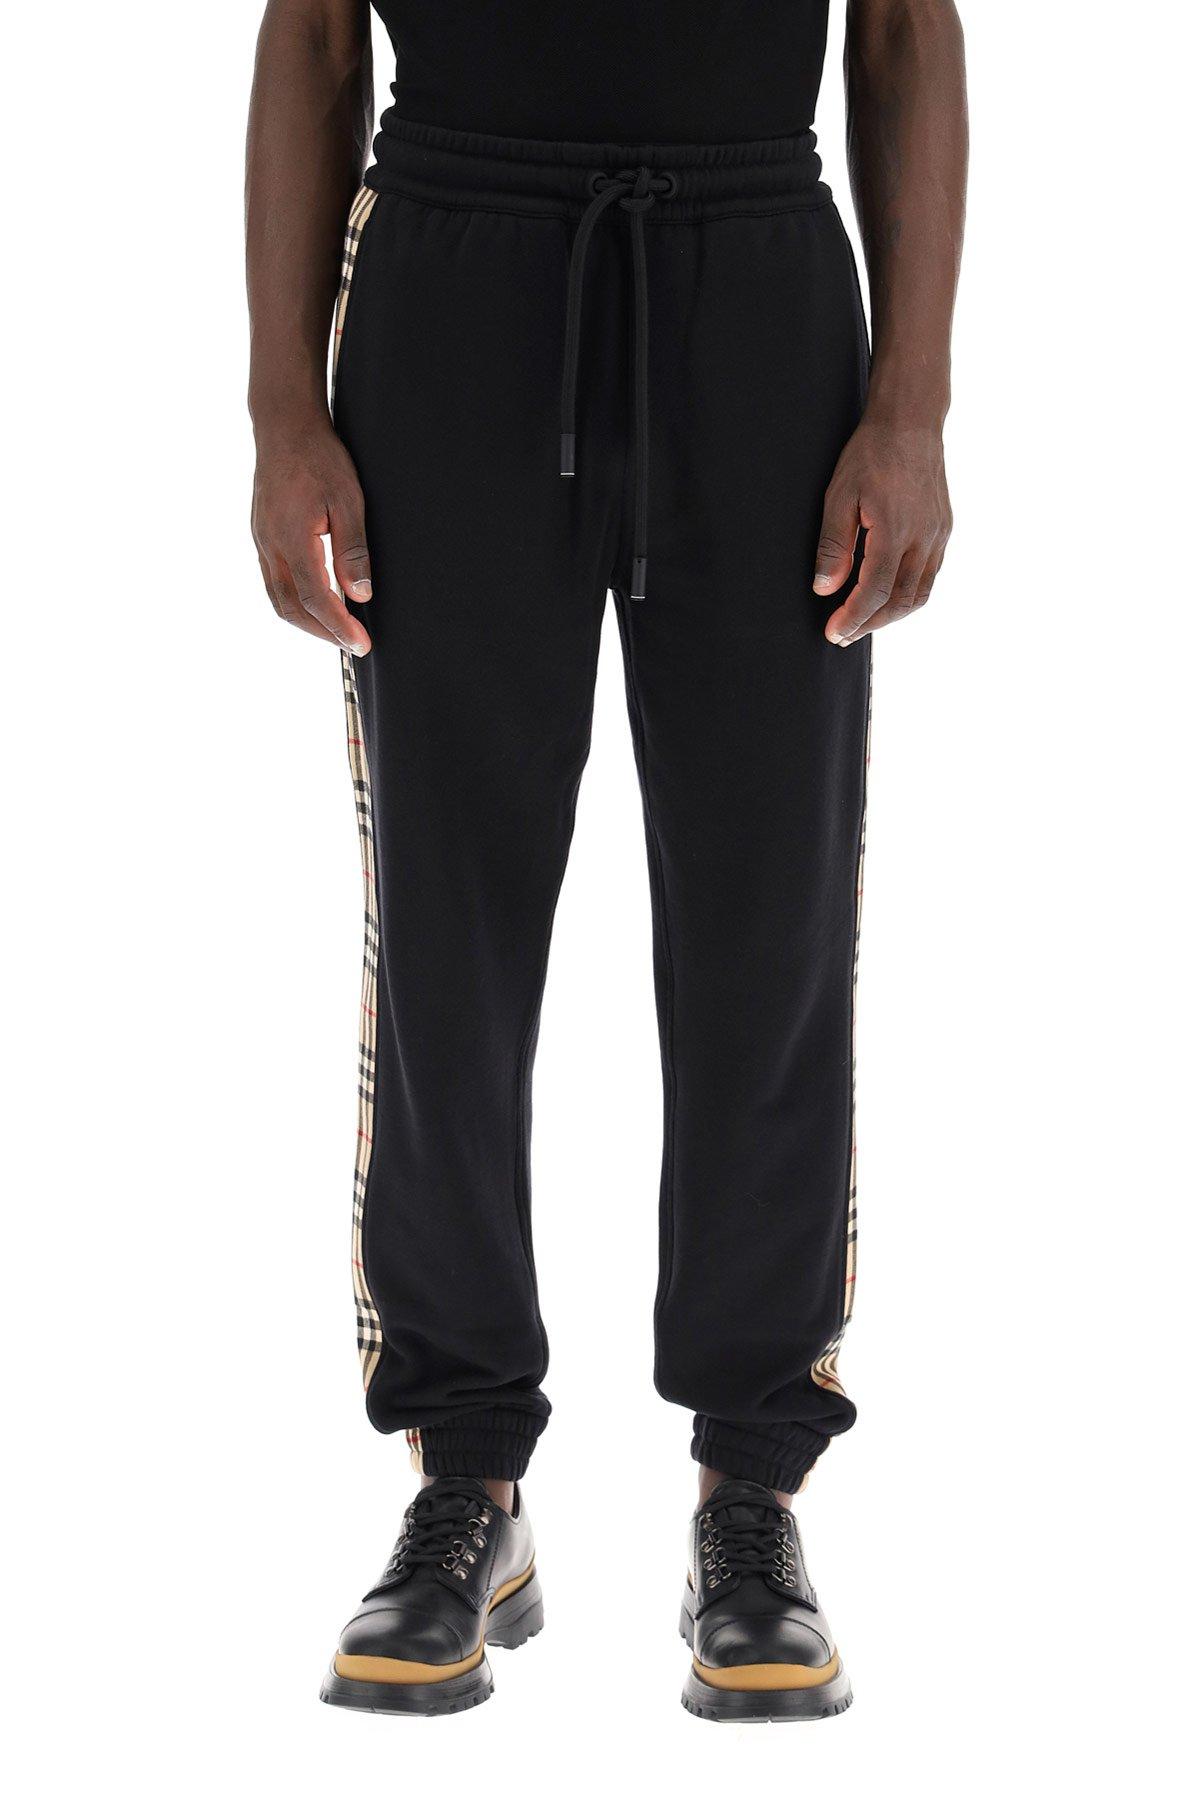 Burberry pantaloni jogging checkford